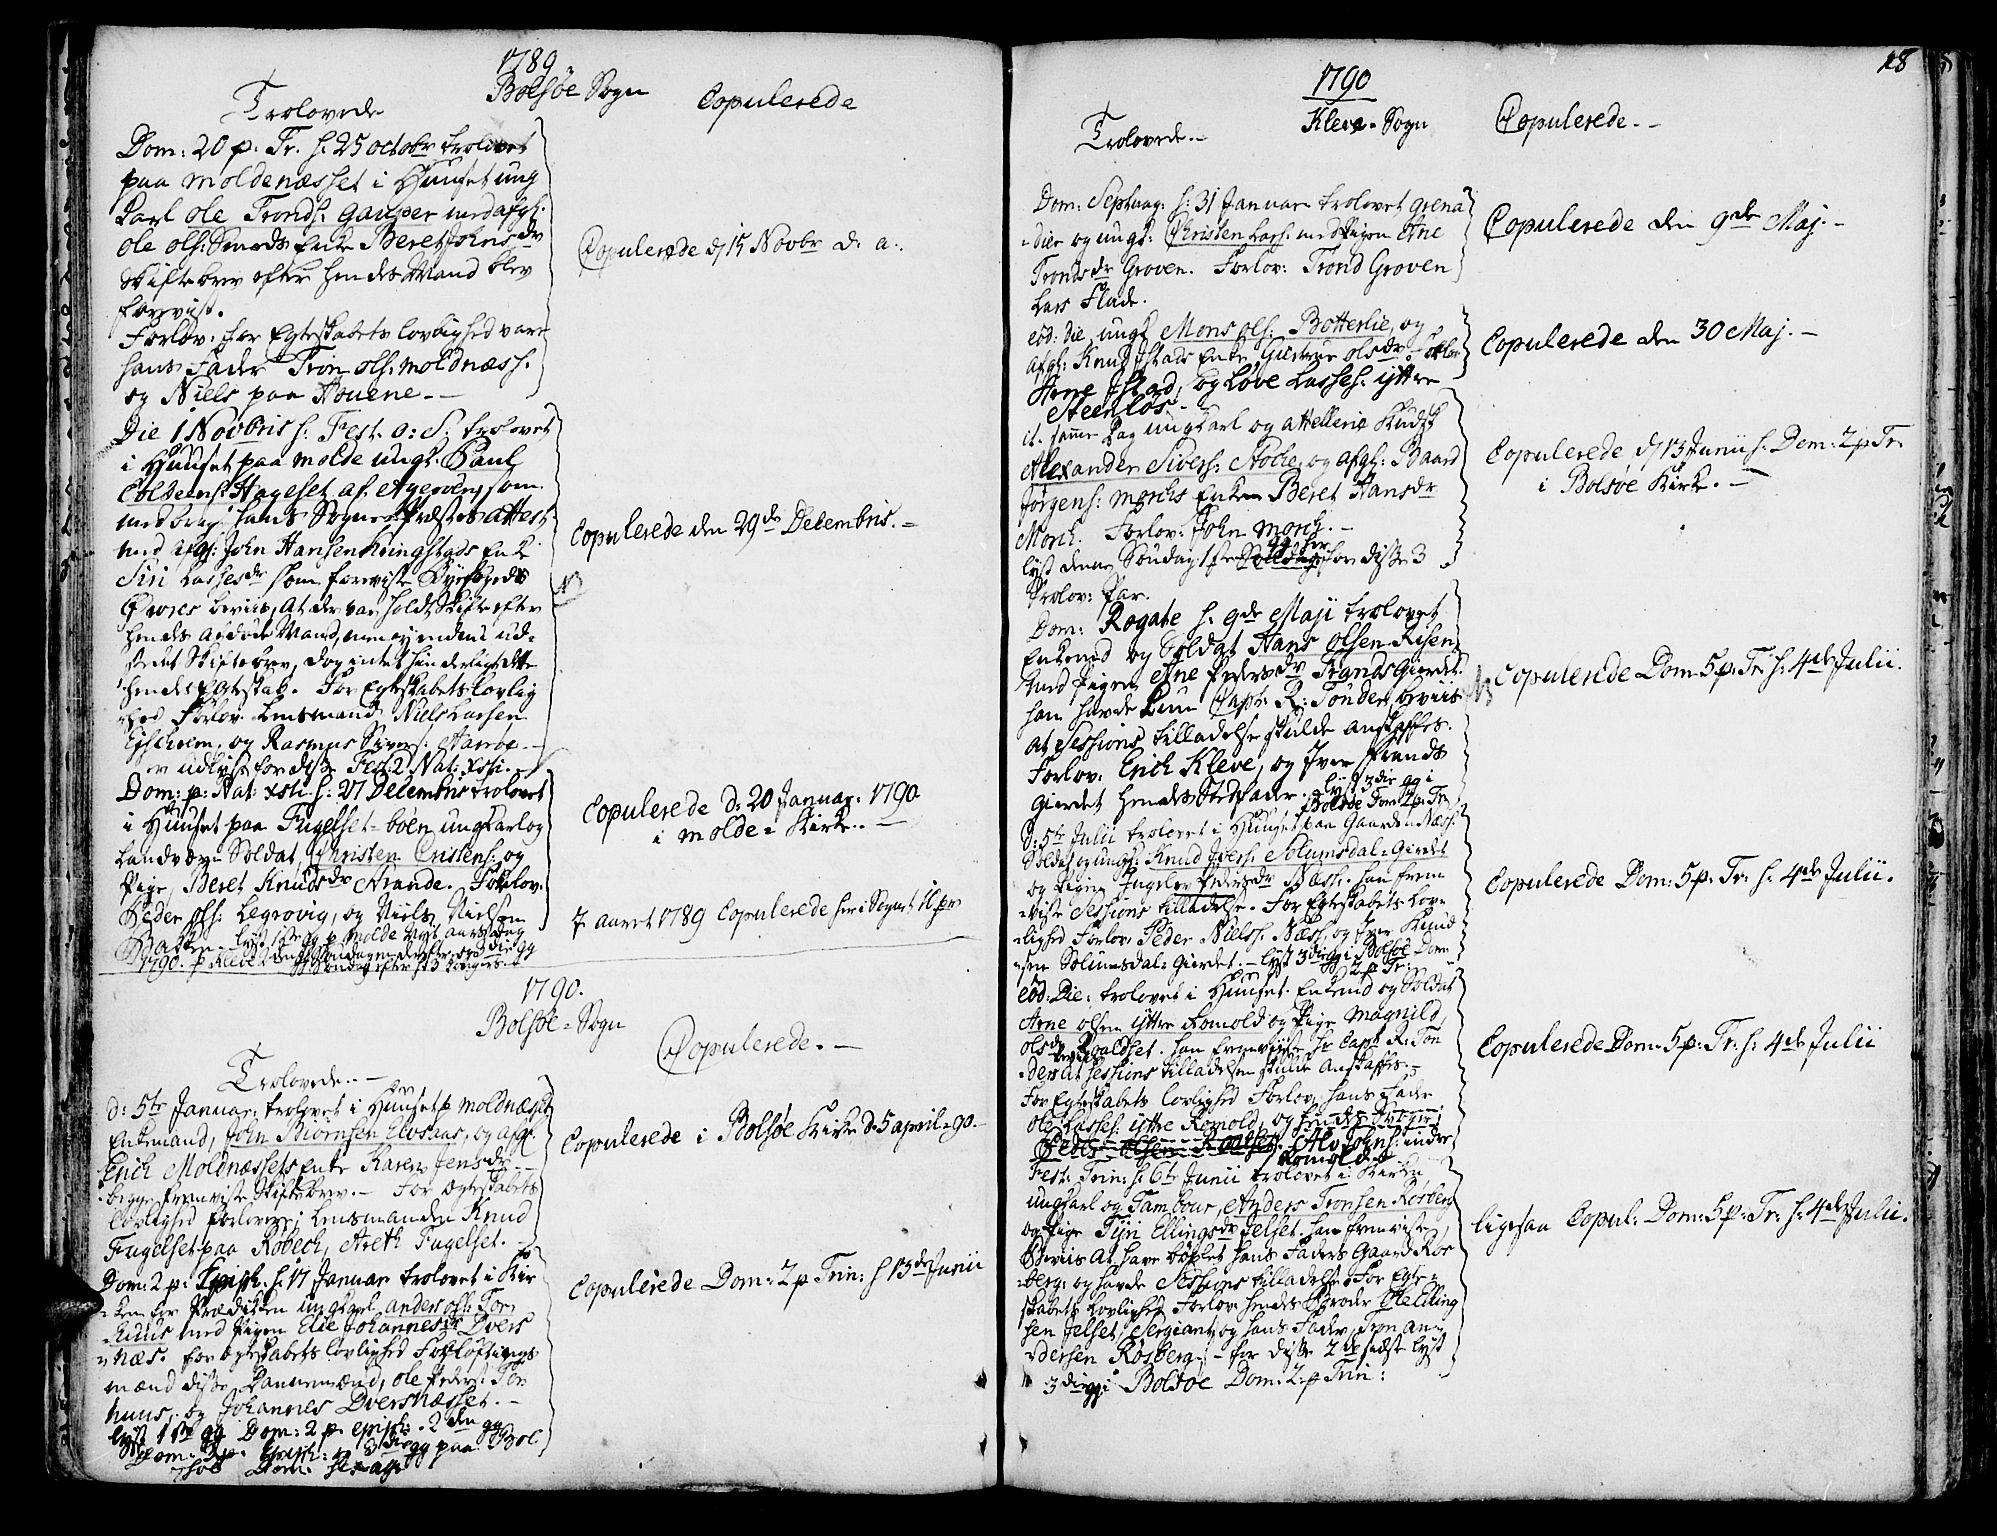 SAT, Ministerialprotokoller, klokkerbøker og fødselsregistre - Møre og Romsdal, 555/L0648: Ministerialbok nr. 555A01, 1759-1793, s. 18